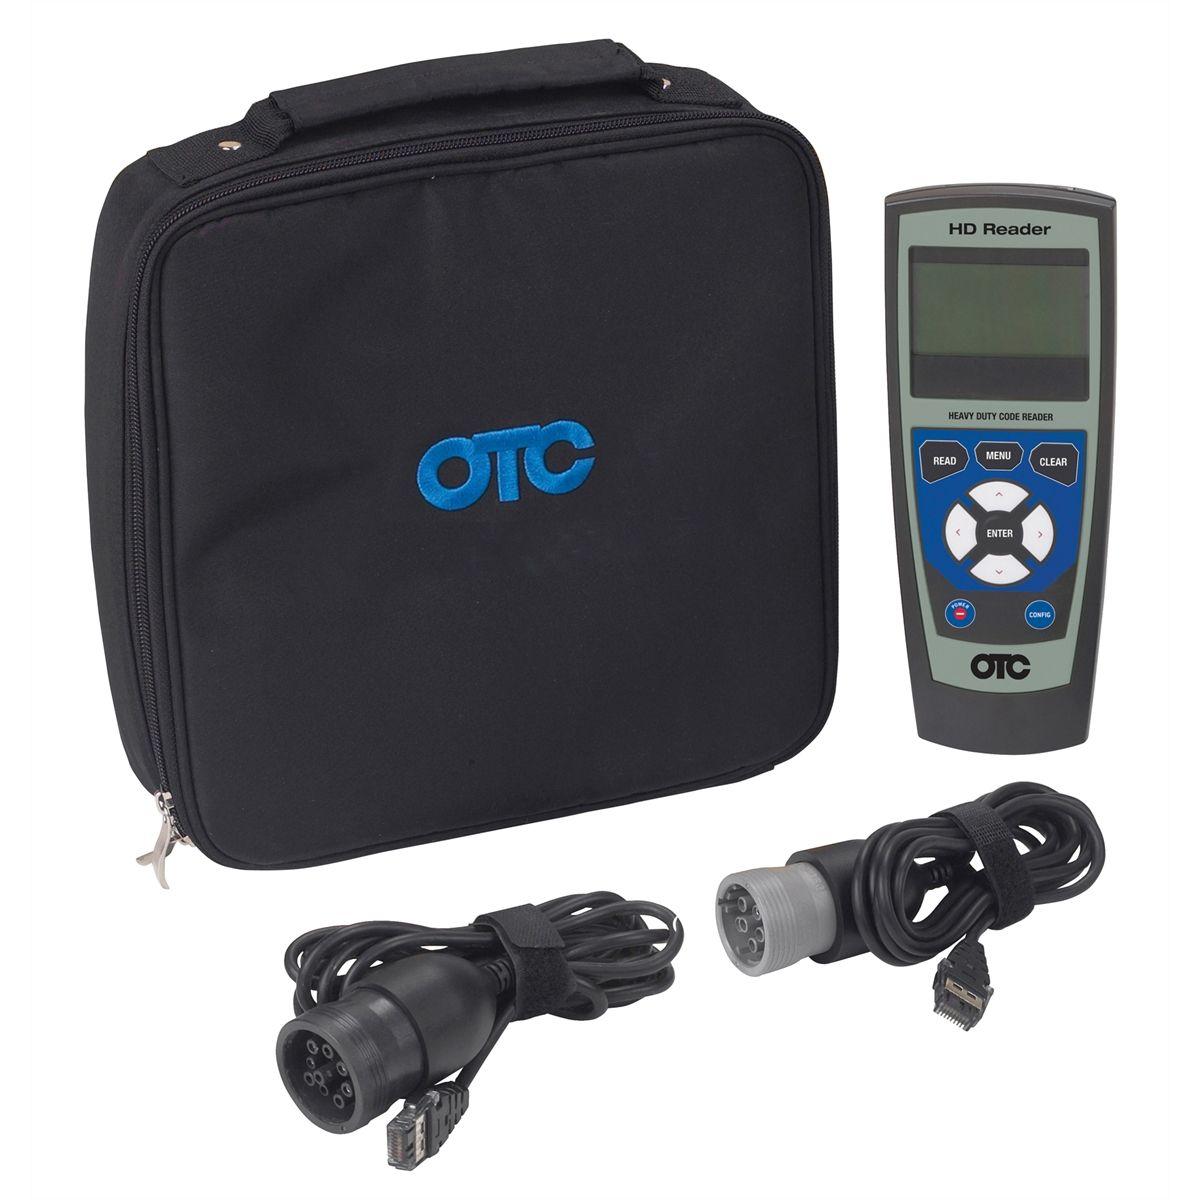 Otc 3418 heavy duty code reader kit otc3418 heavy duty code reader kit fandeluxe Choice Image